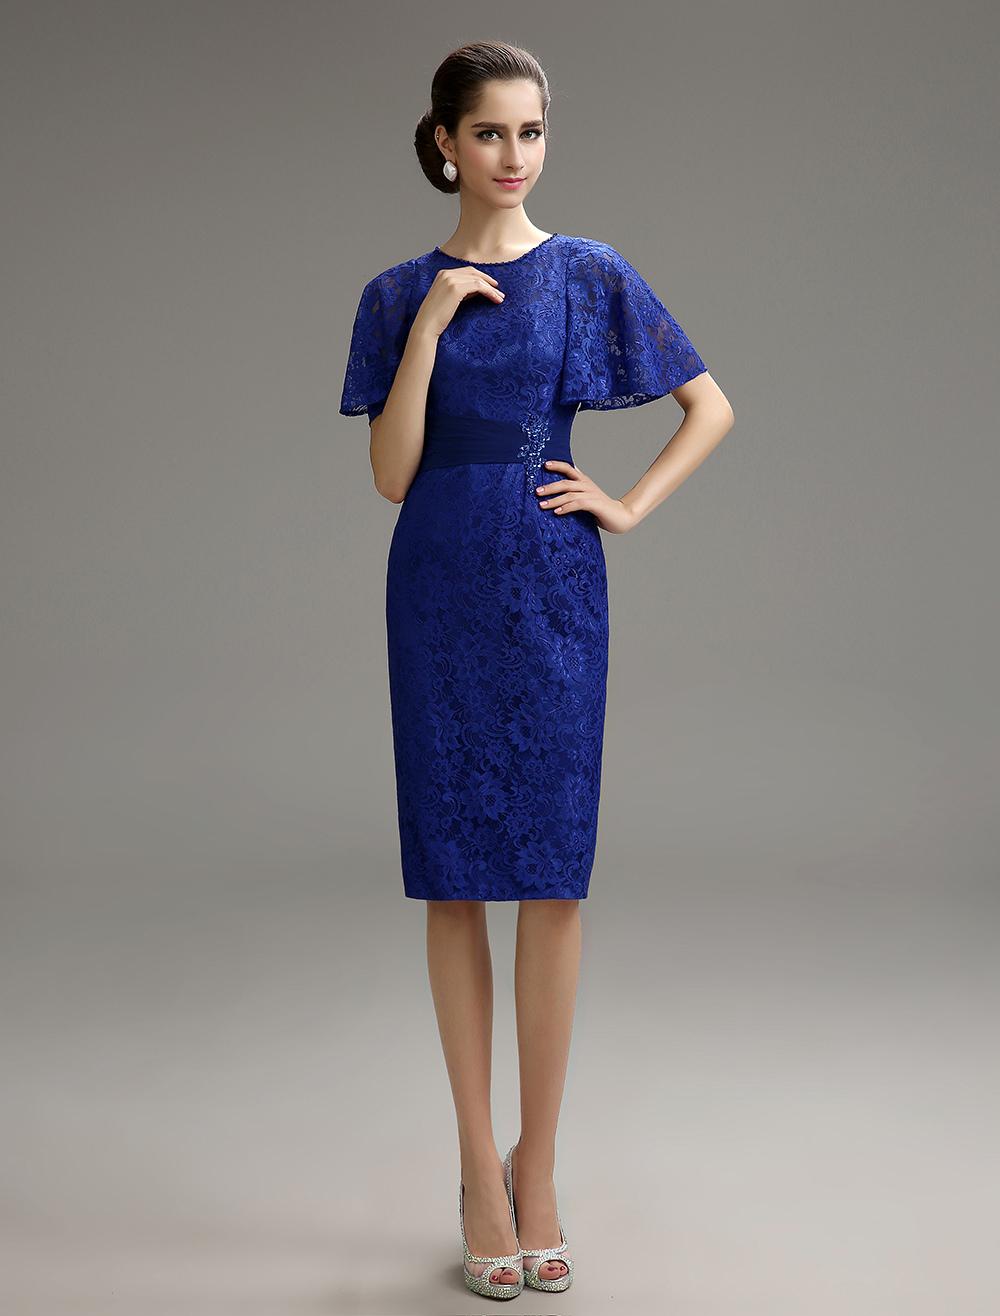 online store 8d20b cf698 Abito in pizzo Blu Royal personalizzato per la madre della sposa Abiti per  Ospiti di Matrimonio